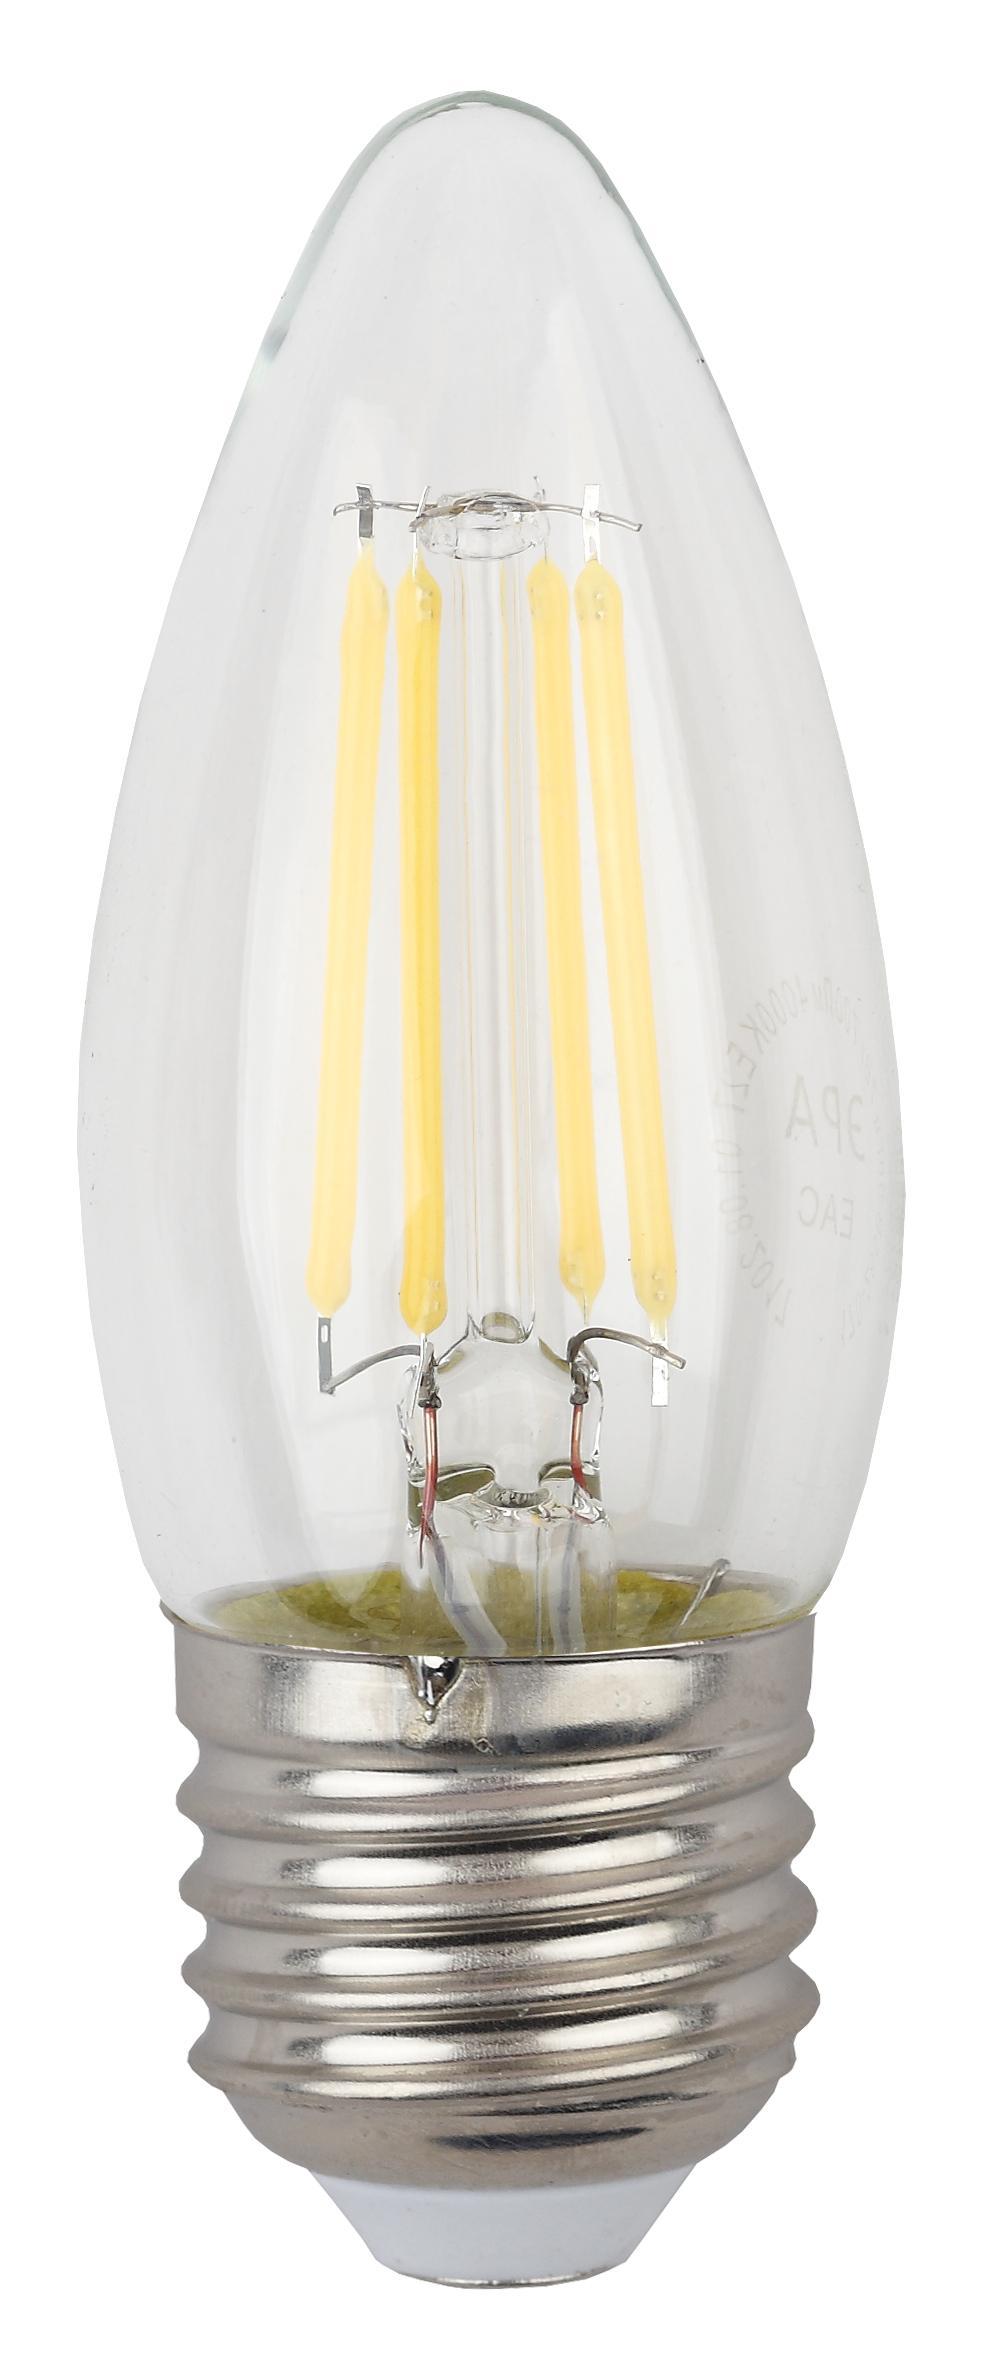 Лампа светодиодная ЭРА F-led b35-5w-827-e27